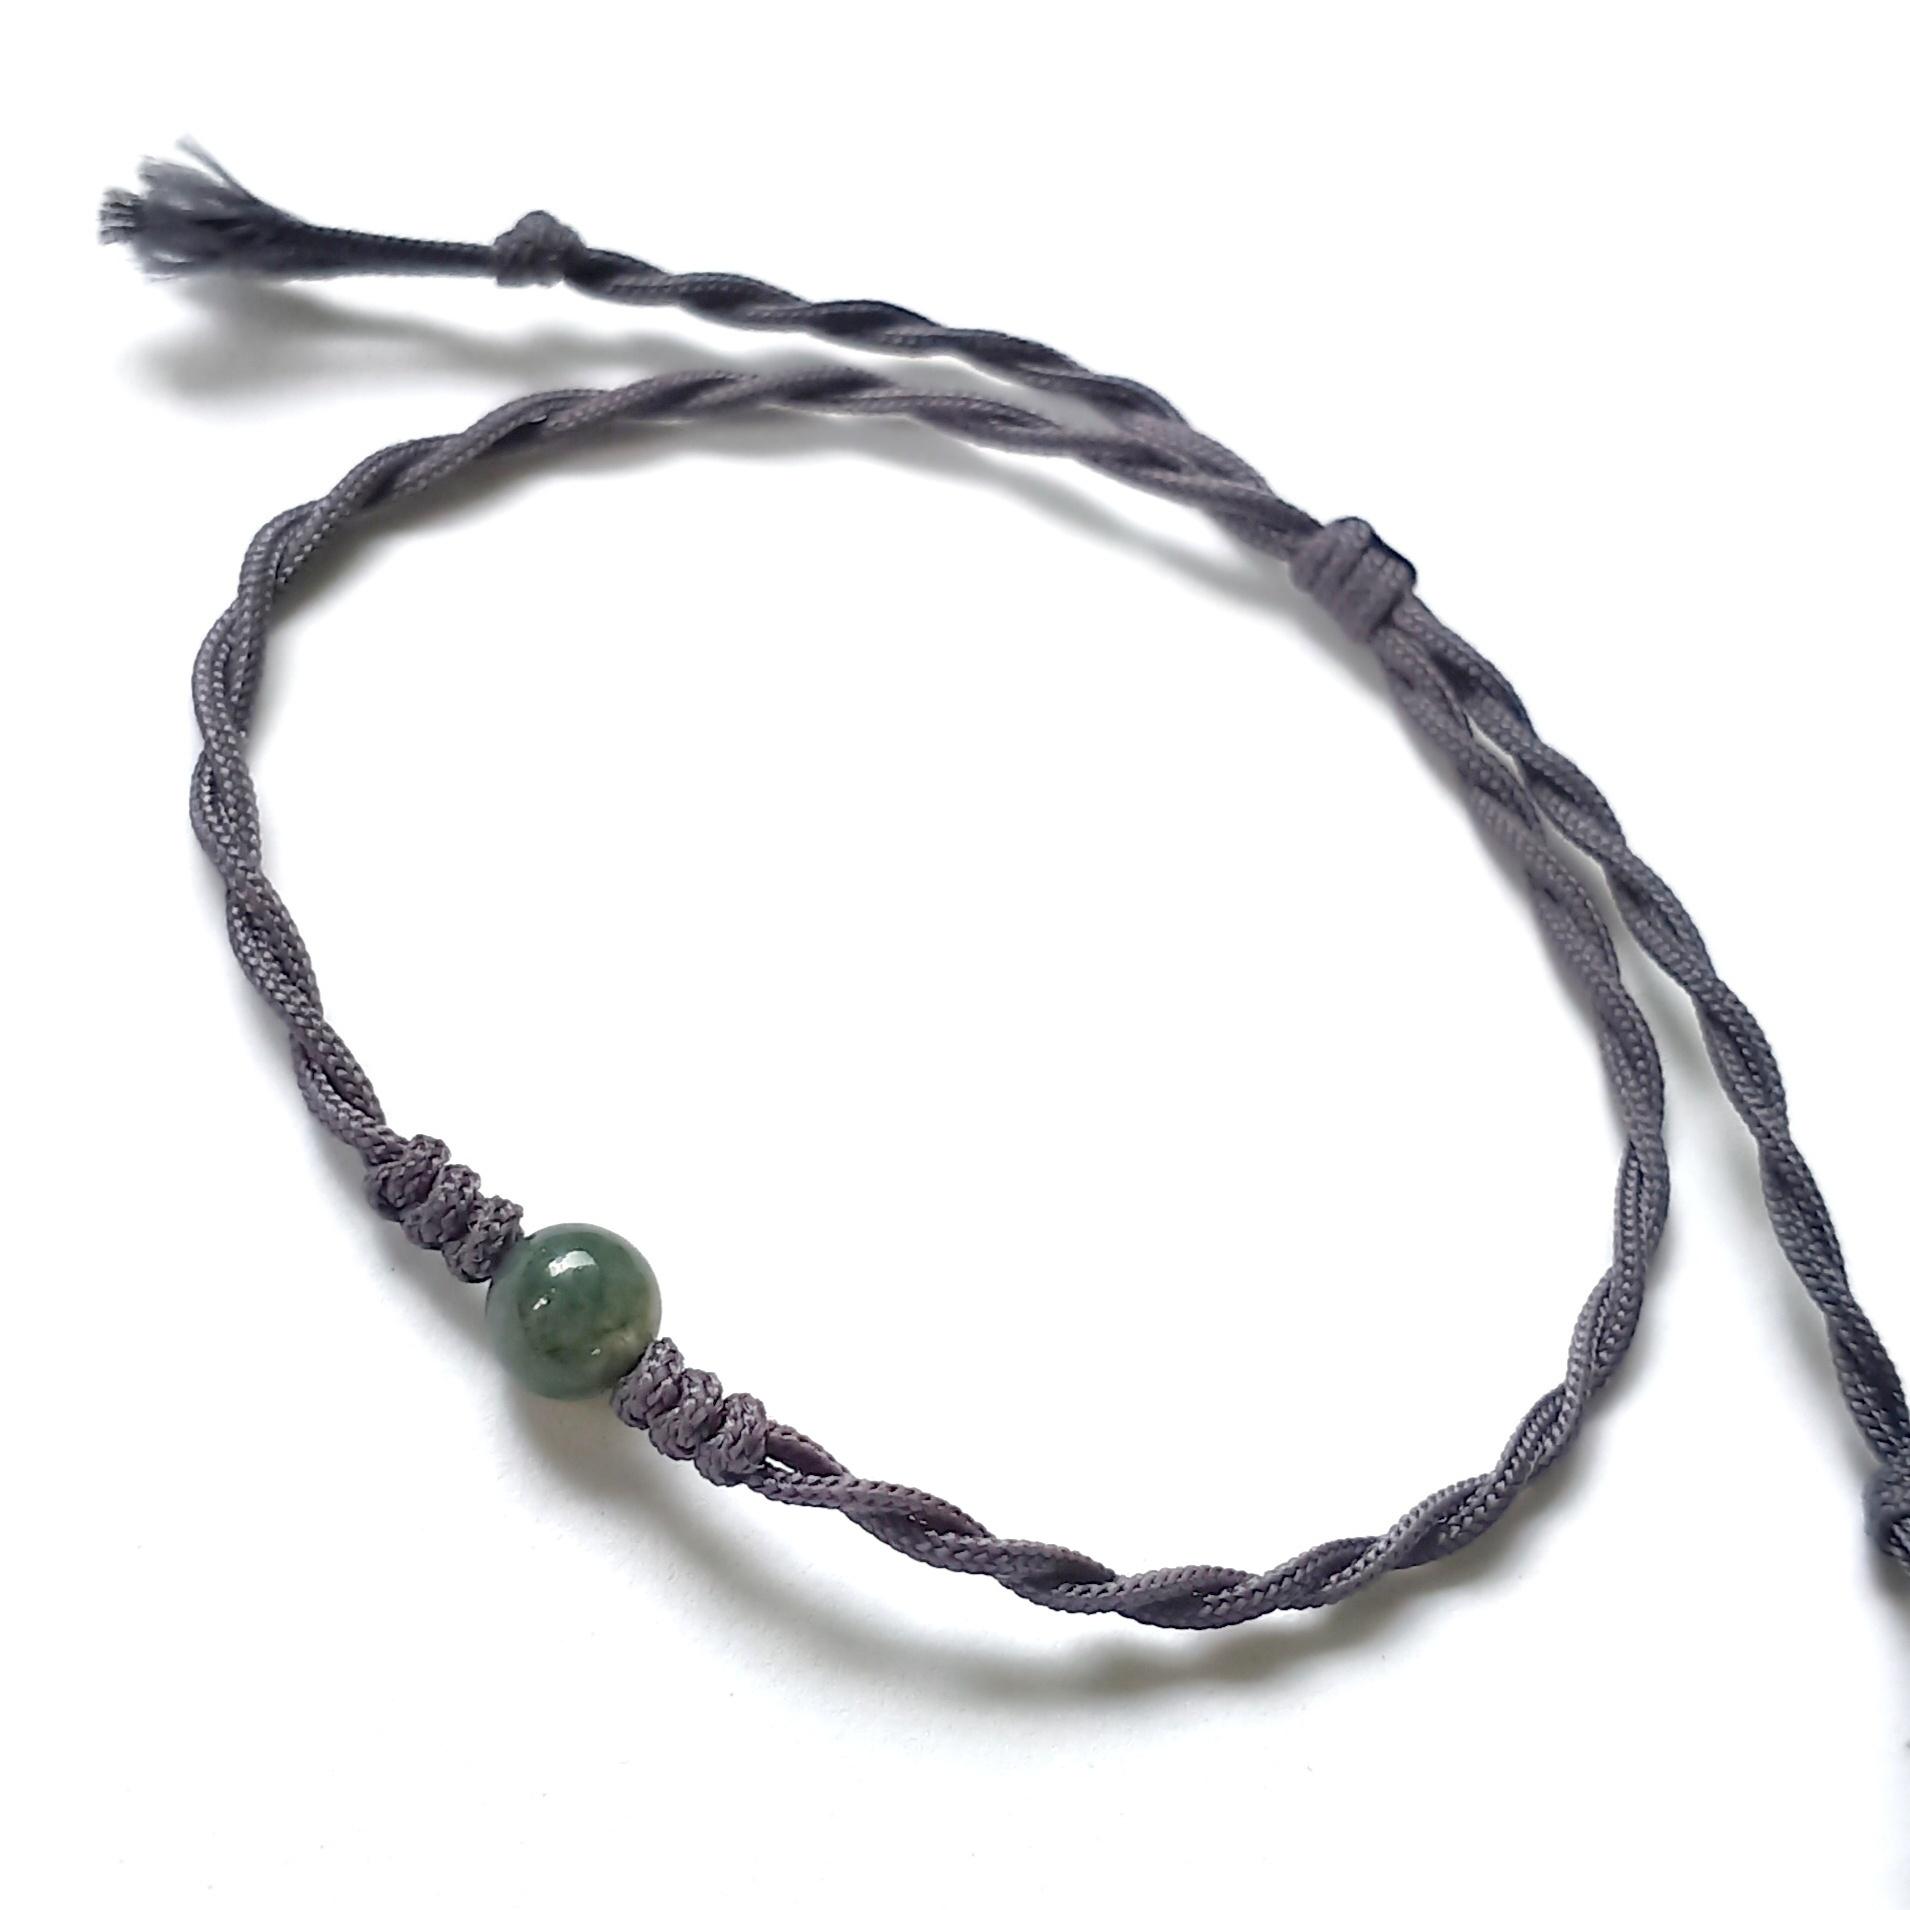 gelang batu indian agate tali etnik handmade pria wanita couple